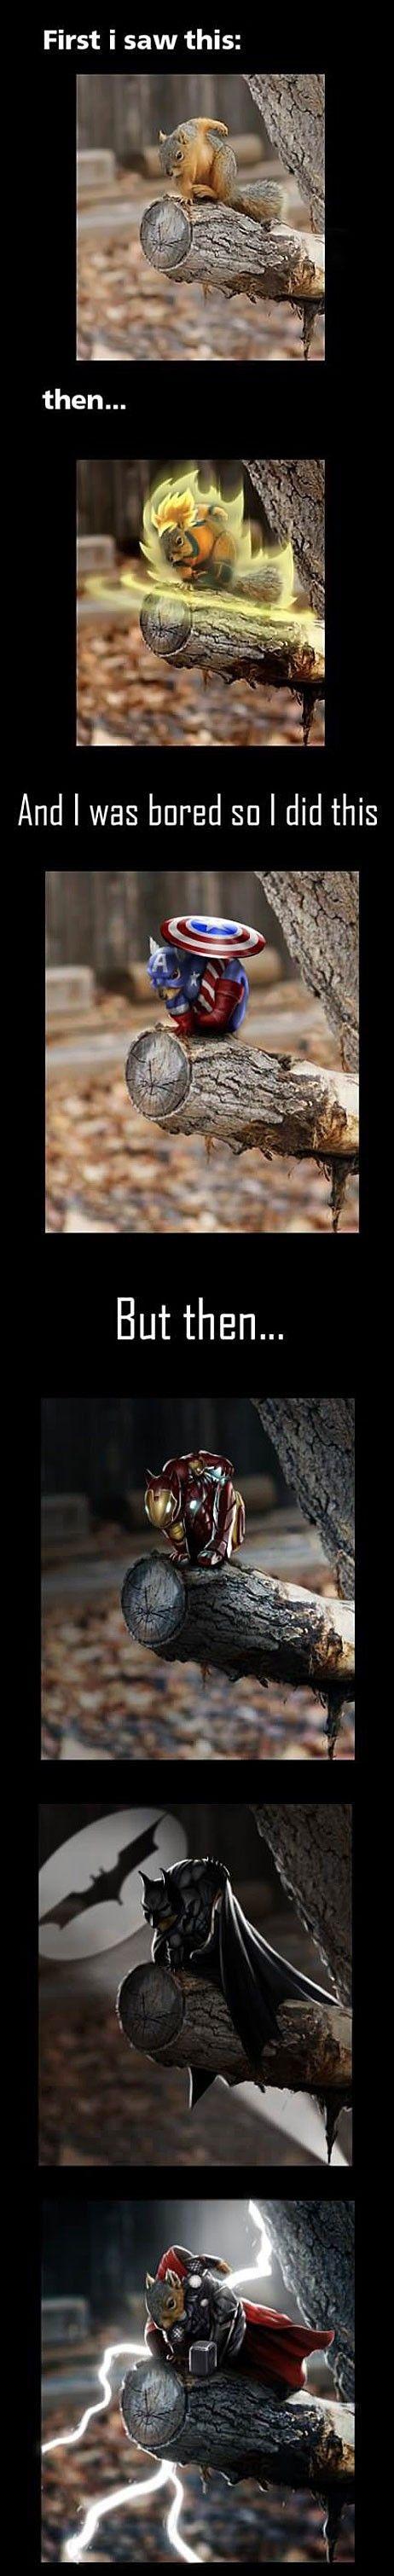 Superhero Squirrel - Imgur